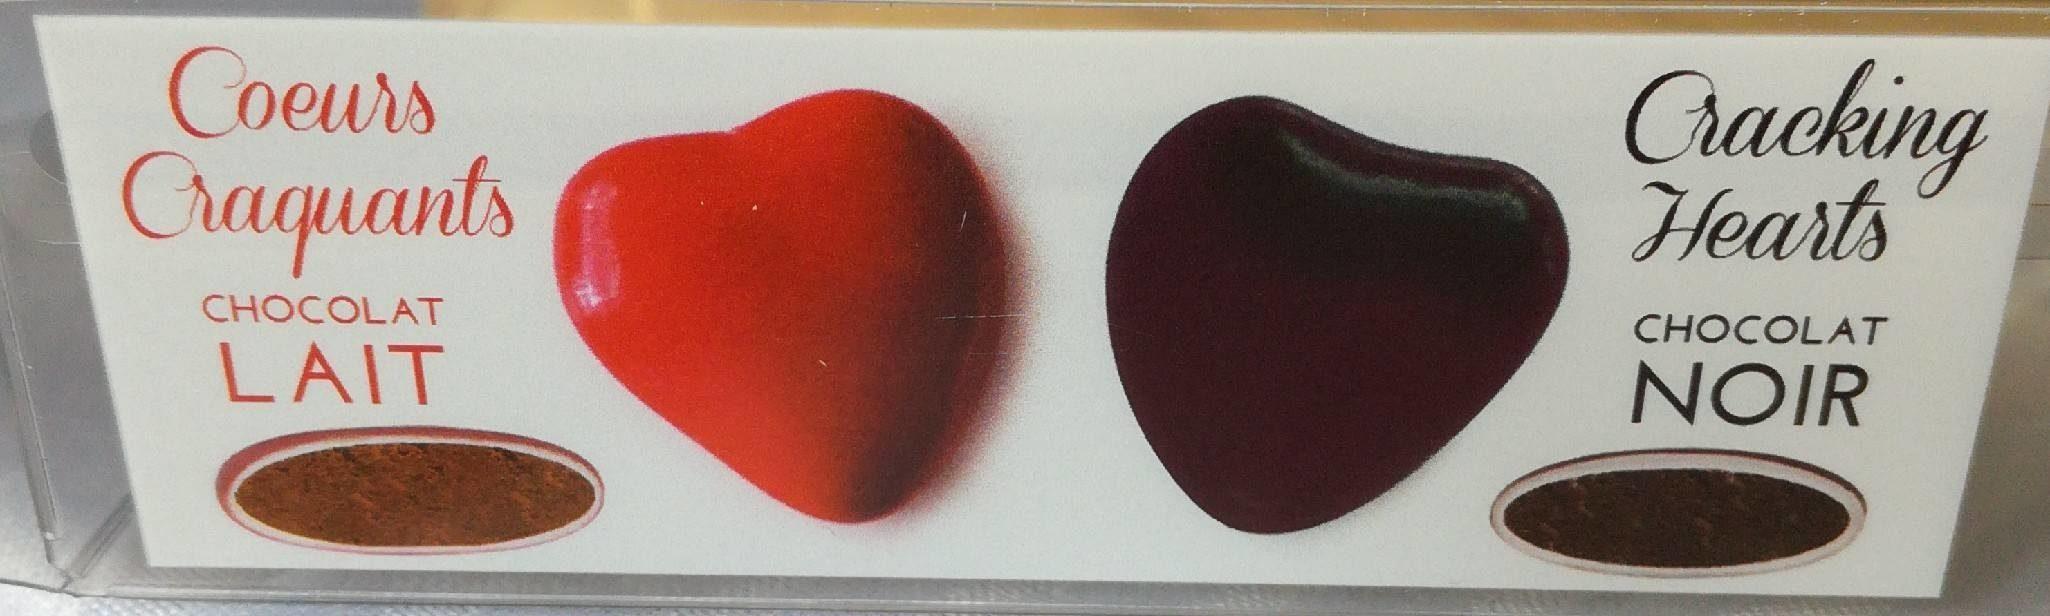 Cœurs Craquants Chocolat Noir ou au Lait - Produit